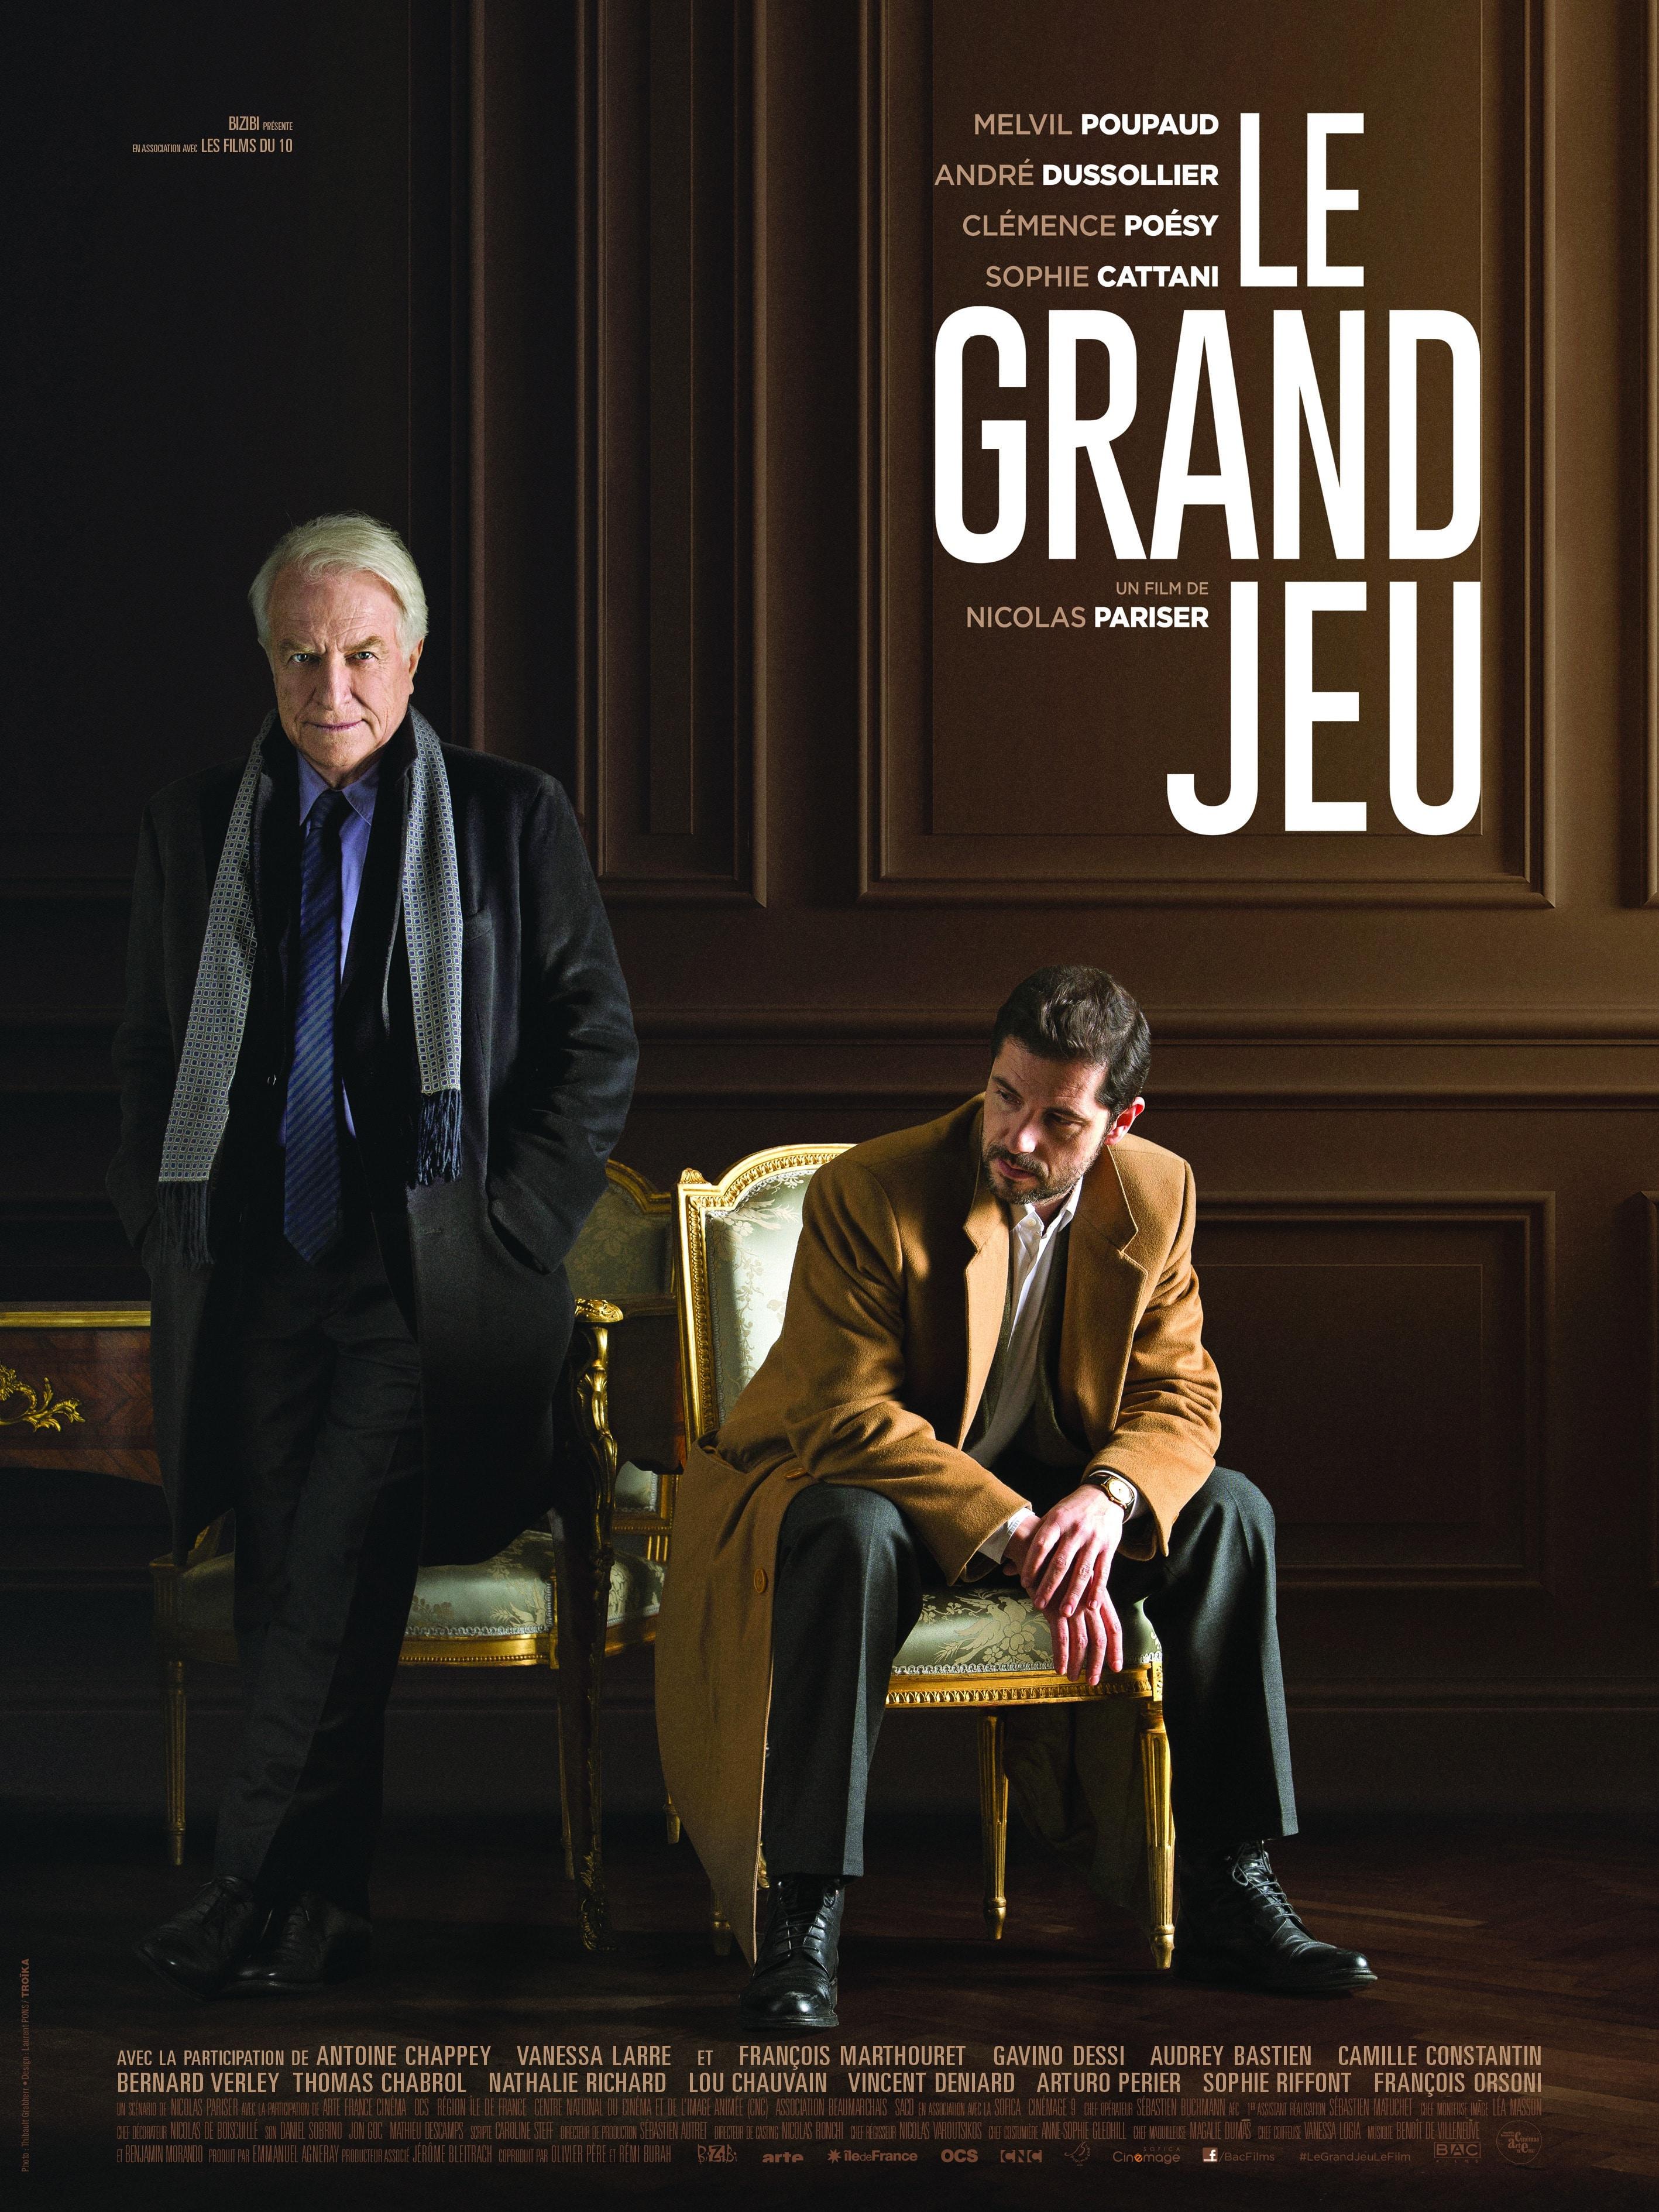 Le Grand Jeu, présentation du film actuellement au cinéma